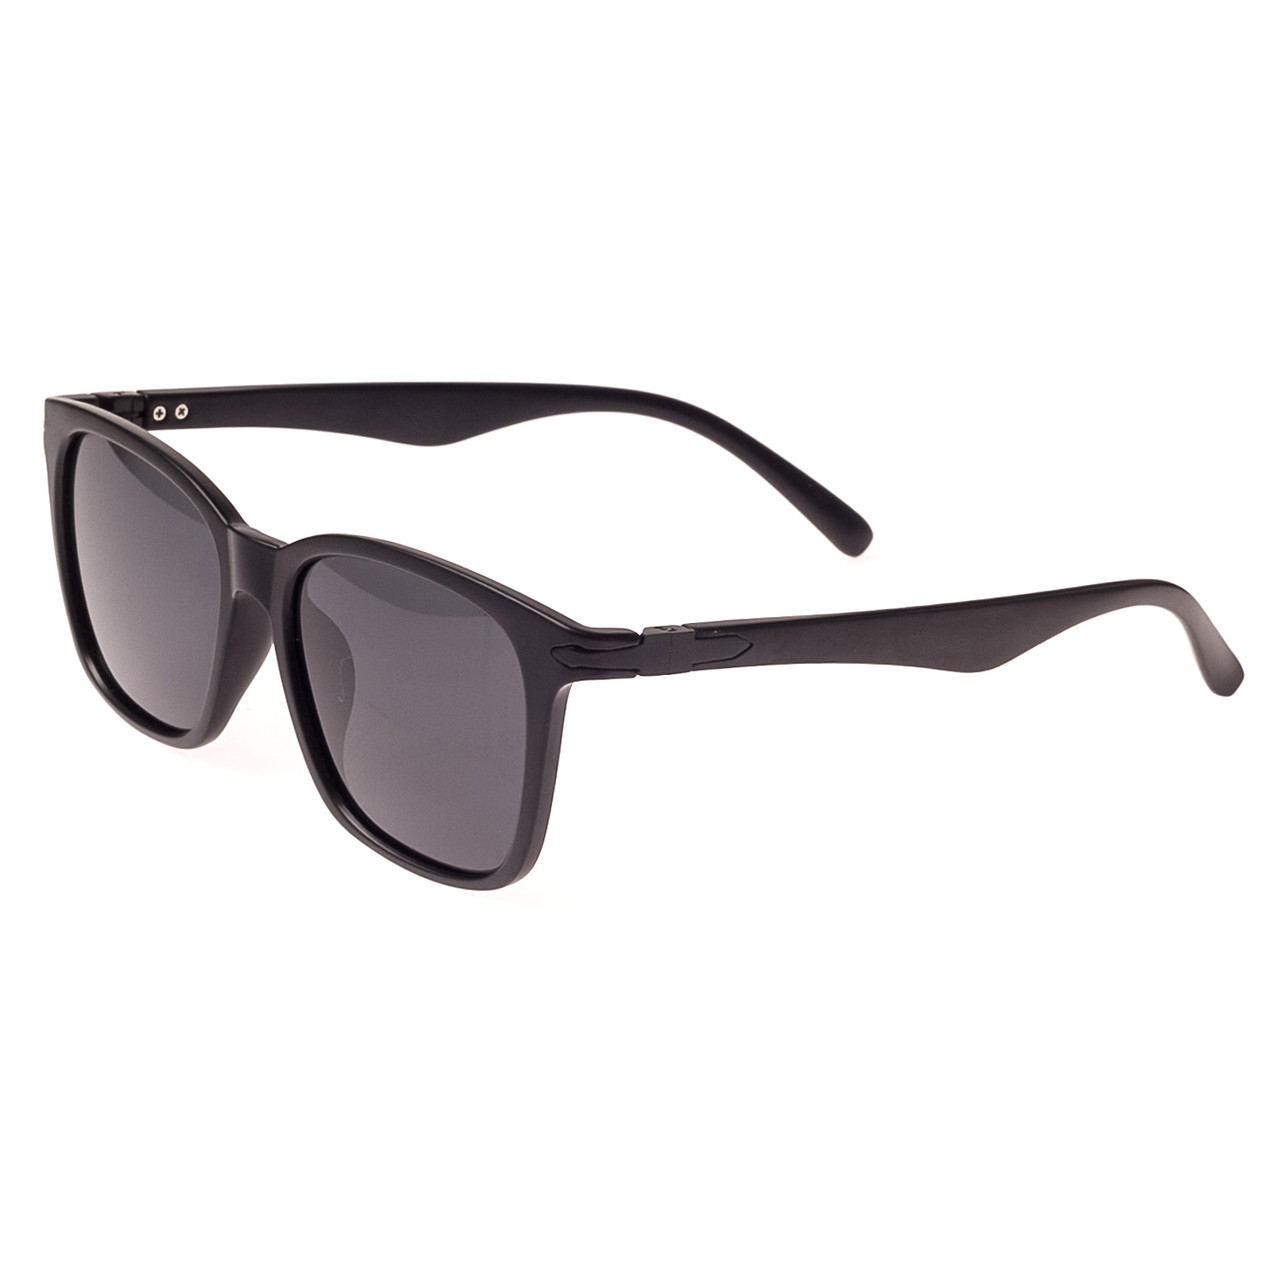 Солнцезащитные очки  Мужские цвет Черный Линза-поликарбонат ( 8091-02 )